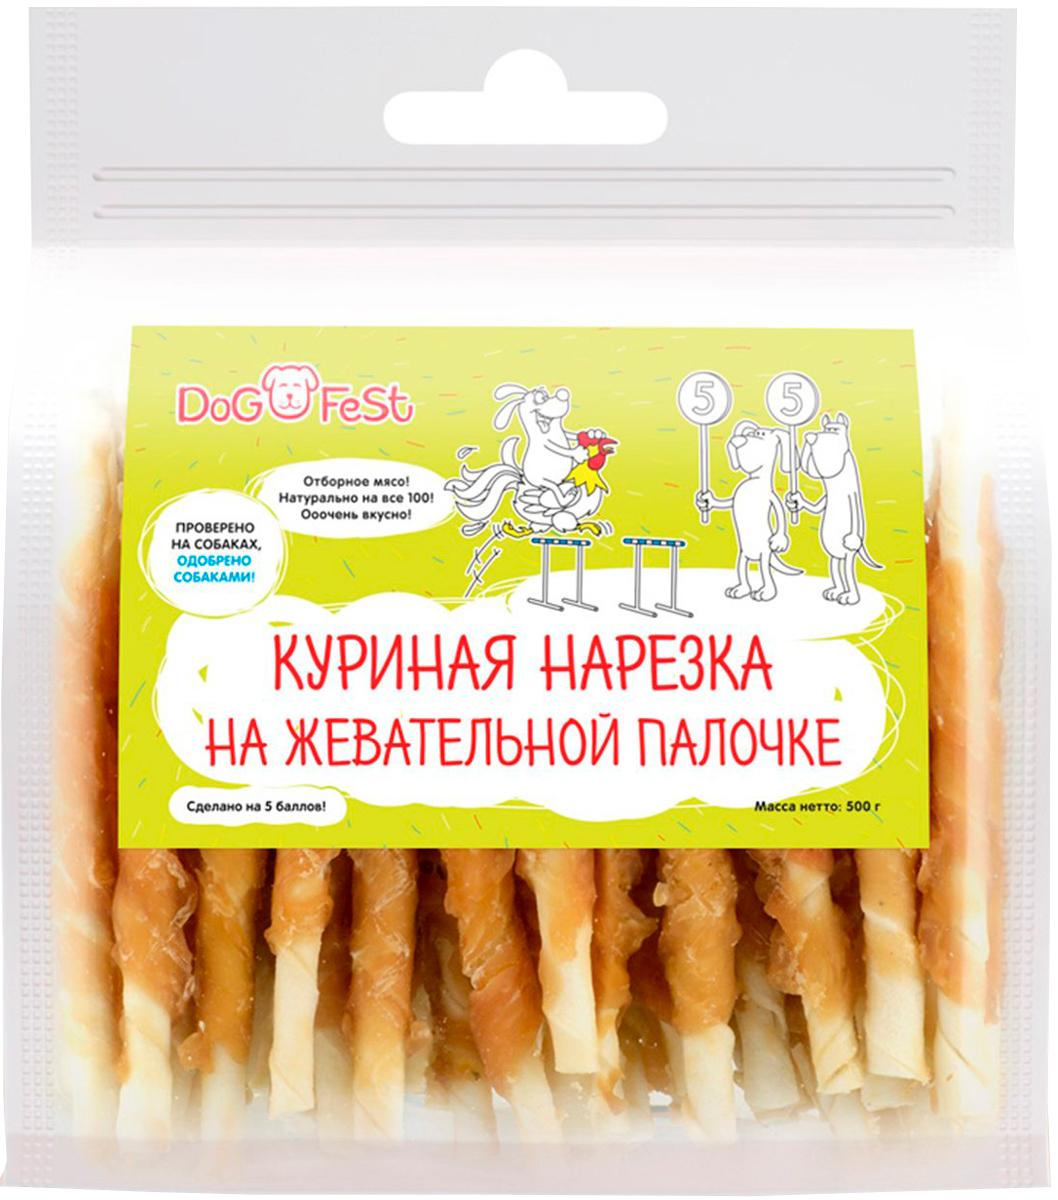 Лакомство Dog Fest для собак нарезка куриная на жевательной палочке 500 гр (1 шт)